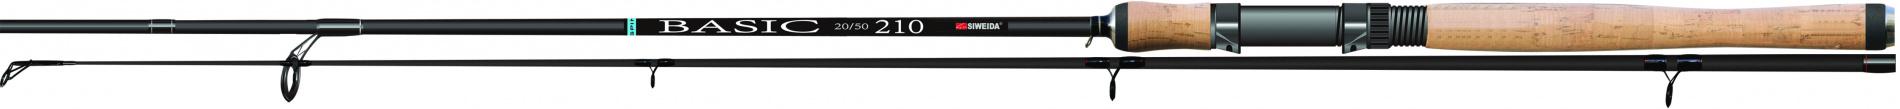 Спиннинг шт. SWD BASIC 2,4м карбон IM6 (10-30г)Спинниги<br>Бюджетный штекерный спиннинг длиной 2,4м <br>и тестом 10-30г, выполненный из карбона IM6. <br>Комплектуется качественными пропускными <br>кольцами SIС, современным катушкодержателем. <br>Рукоять спиннинга изготовлена из пробки. <br>Несмотря на не высокую цену, спиннинг обладает <br>быстрым строем, имеет небольшой вес и высокую <br>прочность. Рекомендуется использовать <br>при ловле хищника, как с берега, так и с лодки.<br>